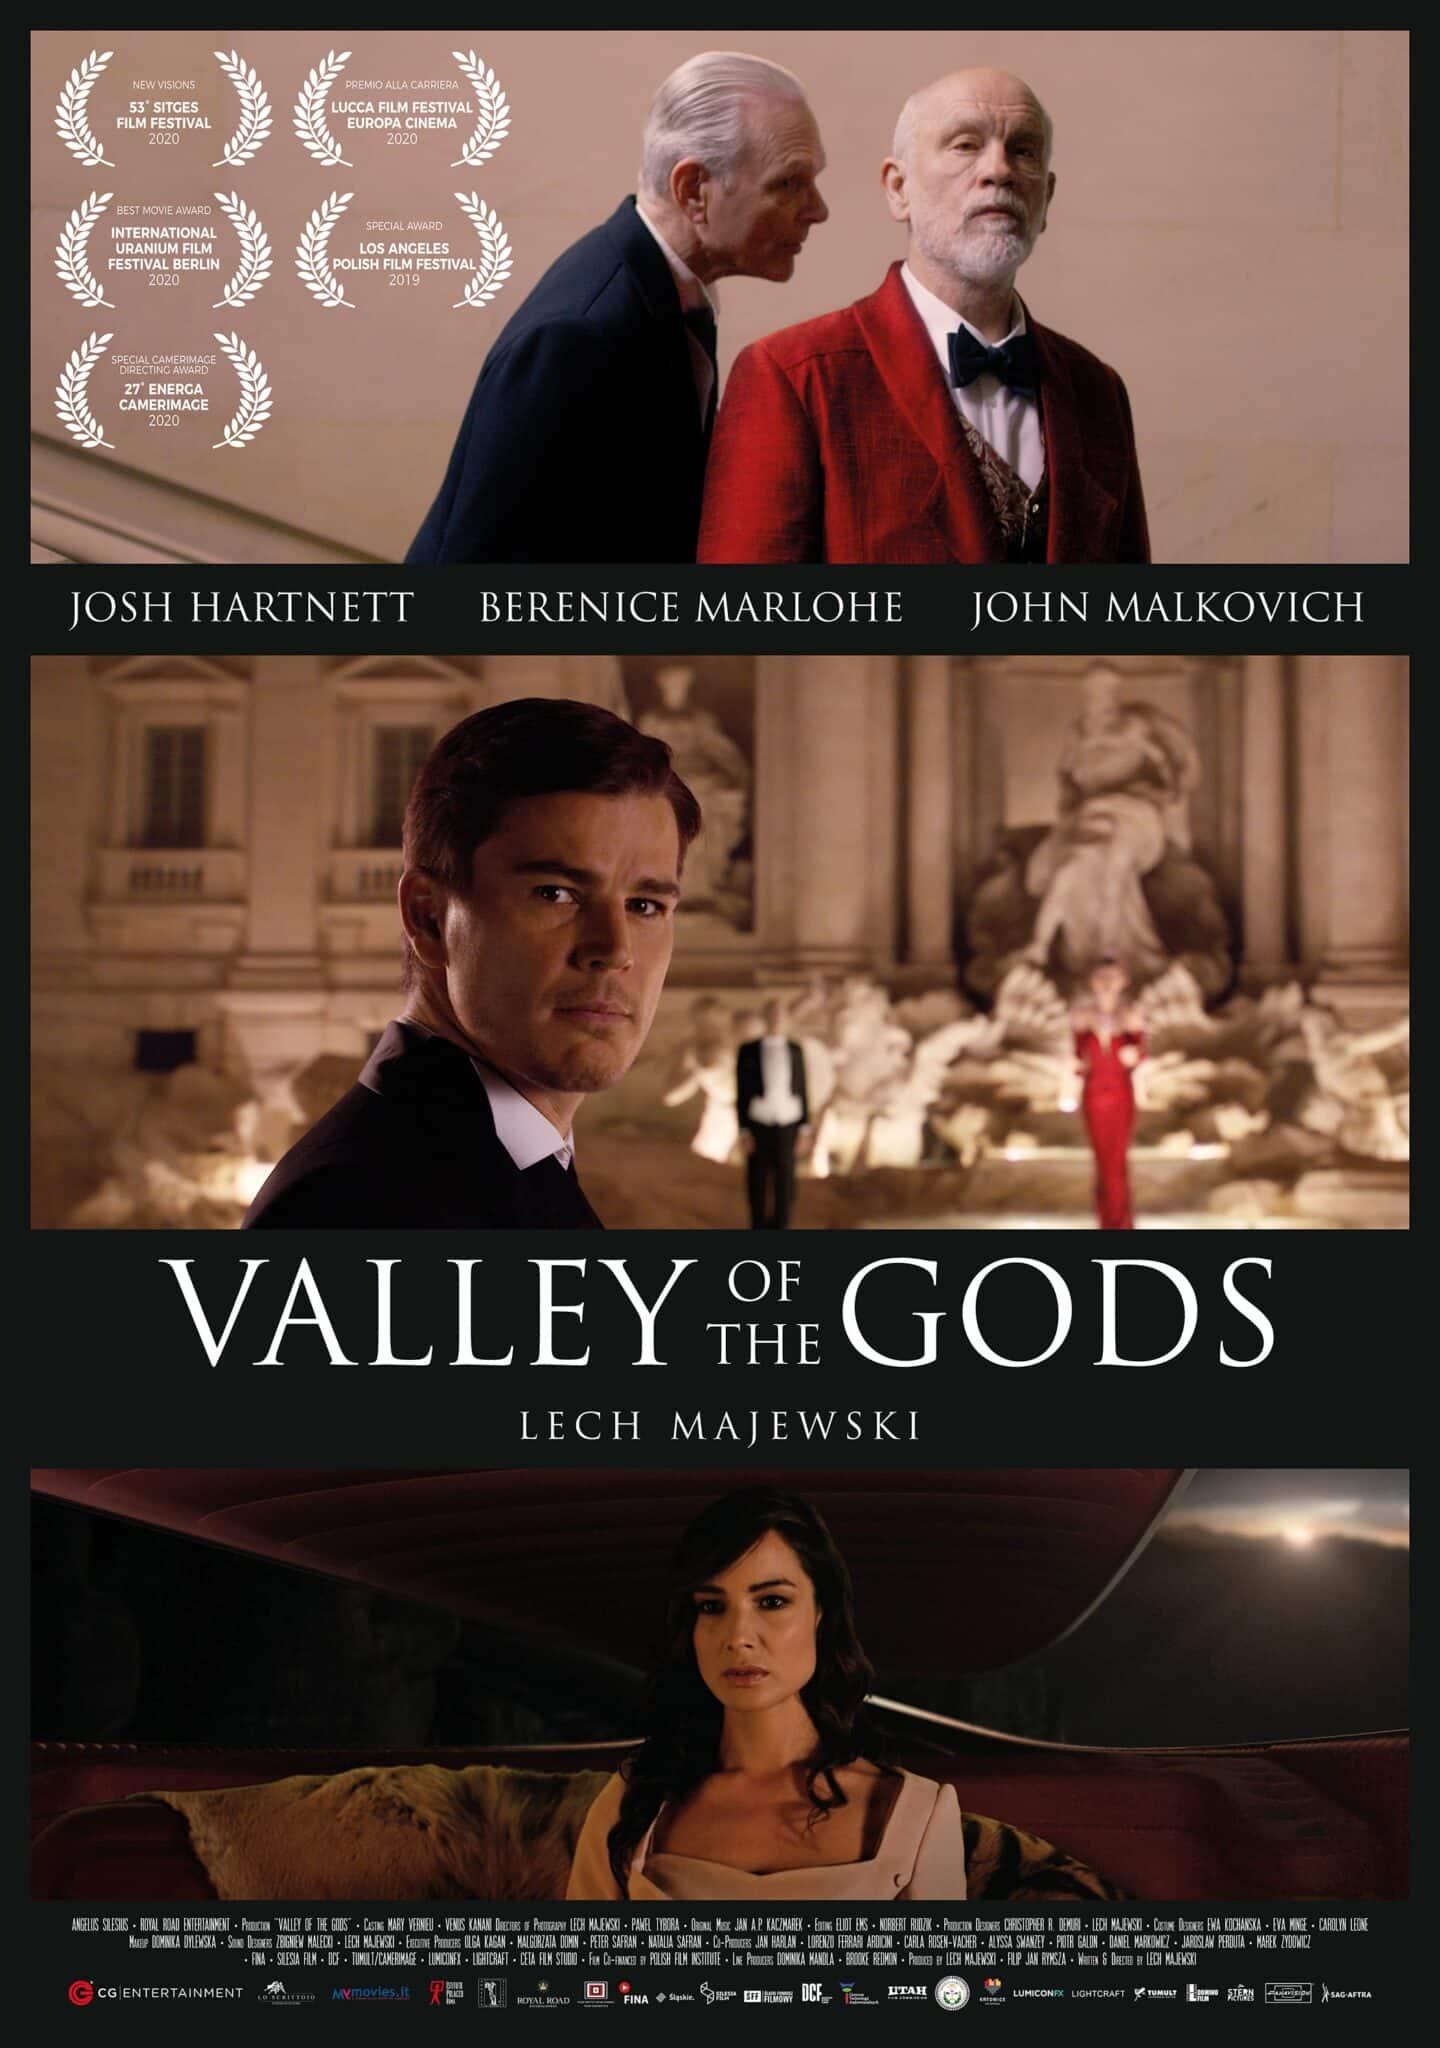 Valley of the Gods, al cinema dal 3 giugno